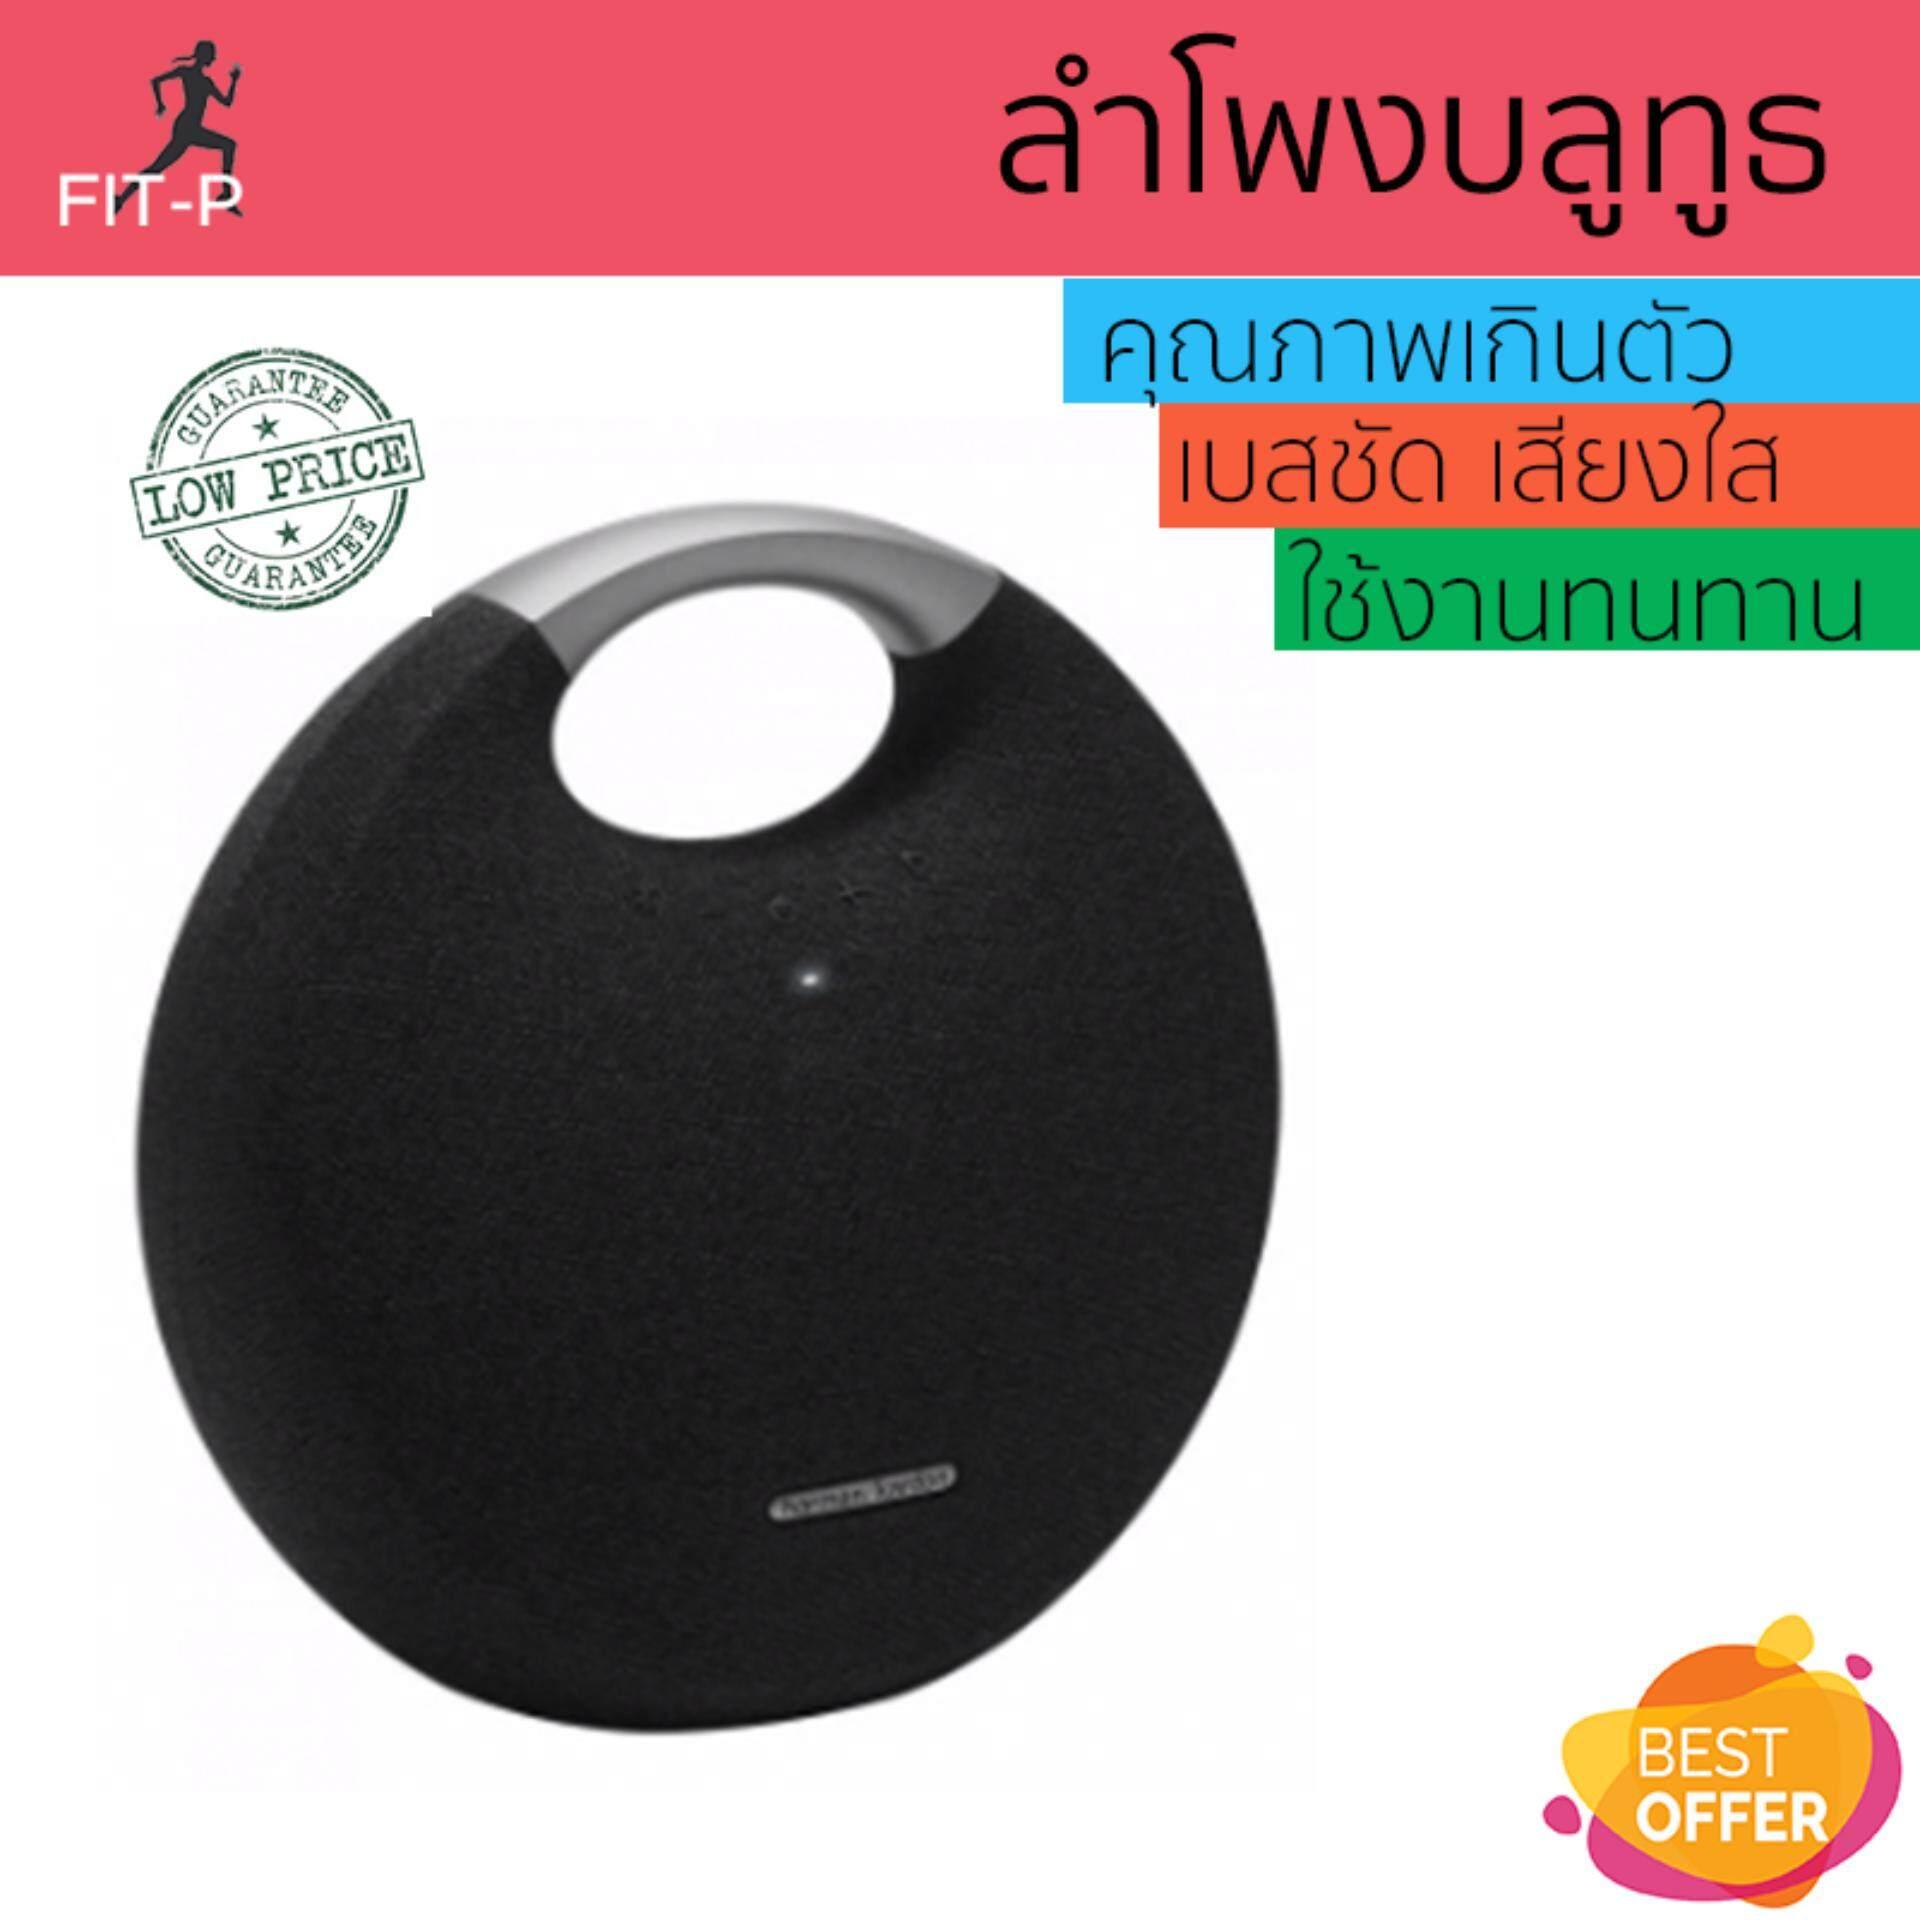 สอนใช้งาน  สมุทรปราการ จัดส่งฟรี ลำโพงบลูทูธ  Harman Kardon Bluetooth Speaker 2.1 Onyx Studio 5 Black เสียงใส คุณภาพเกินตัว Wireless Bluetooth Speaker รับประกัน 1 ปี